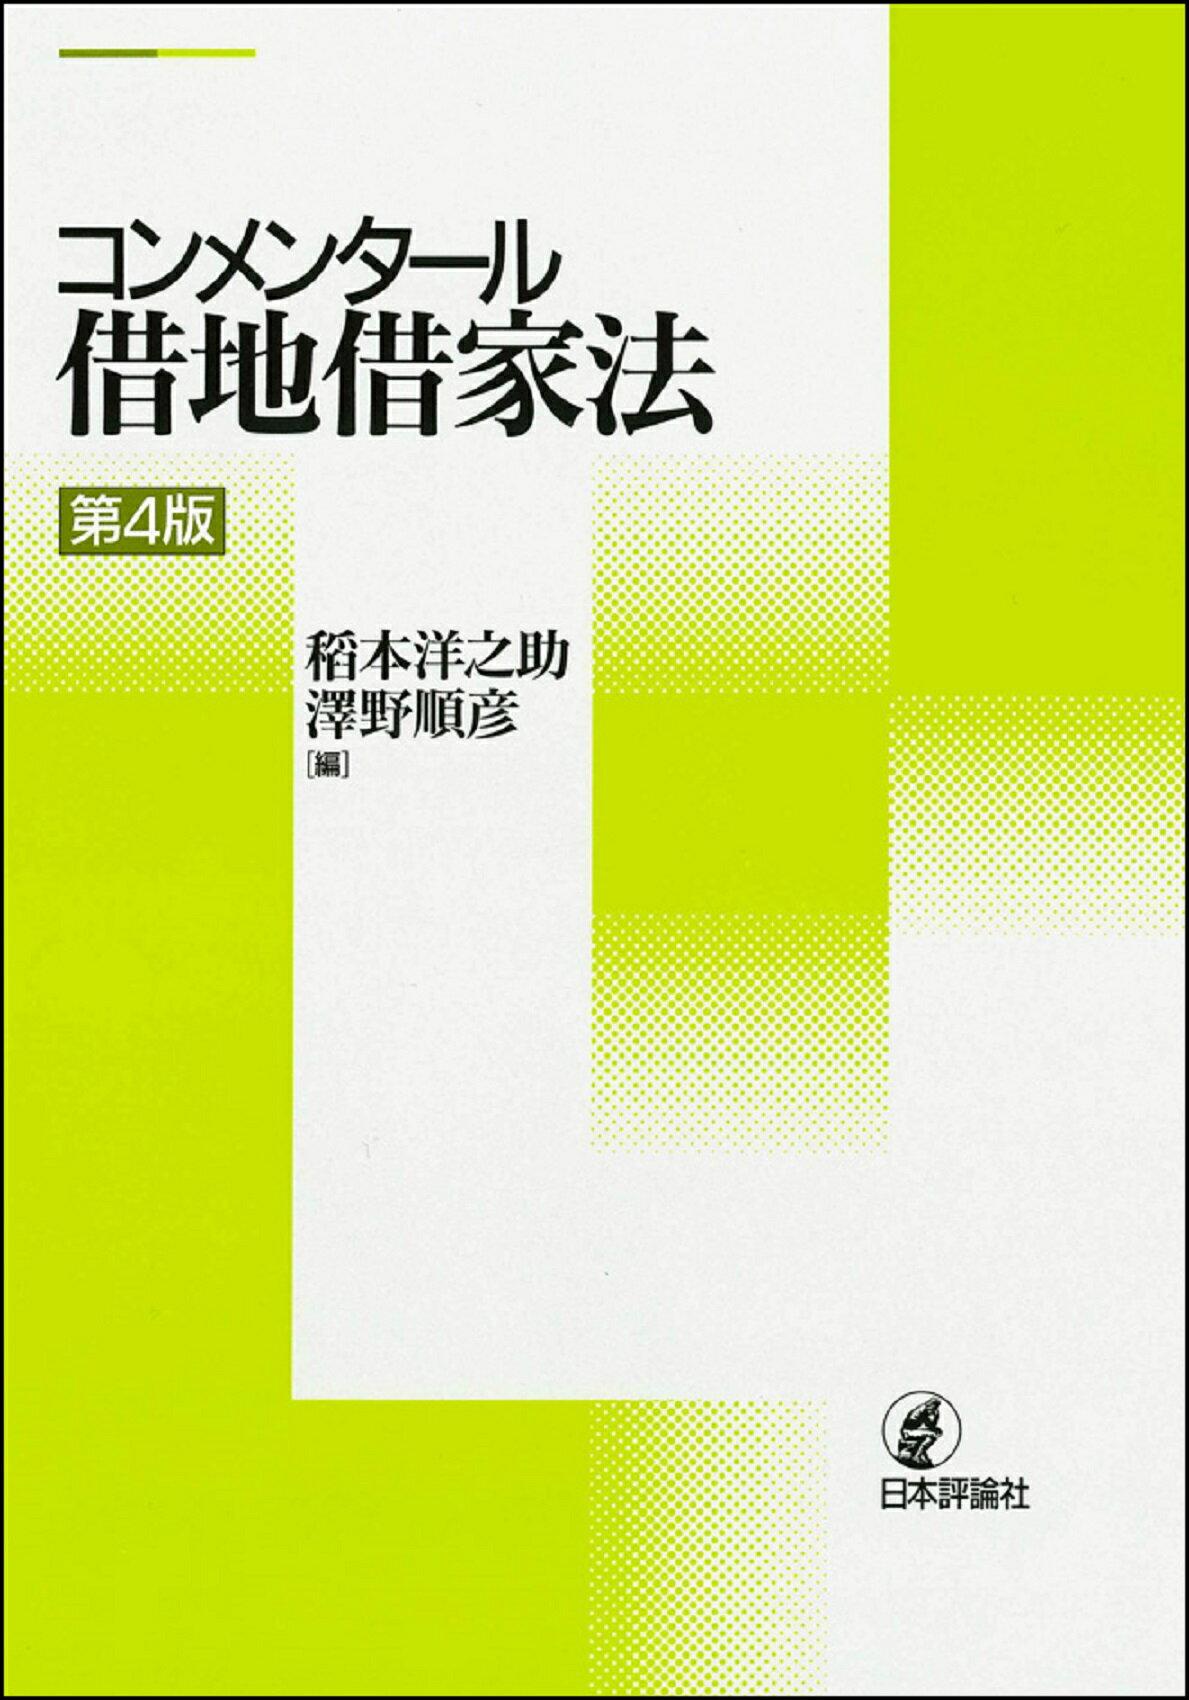 コンメンタール借地借家法 第4版 (新・コンメンタールシリーズ)